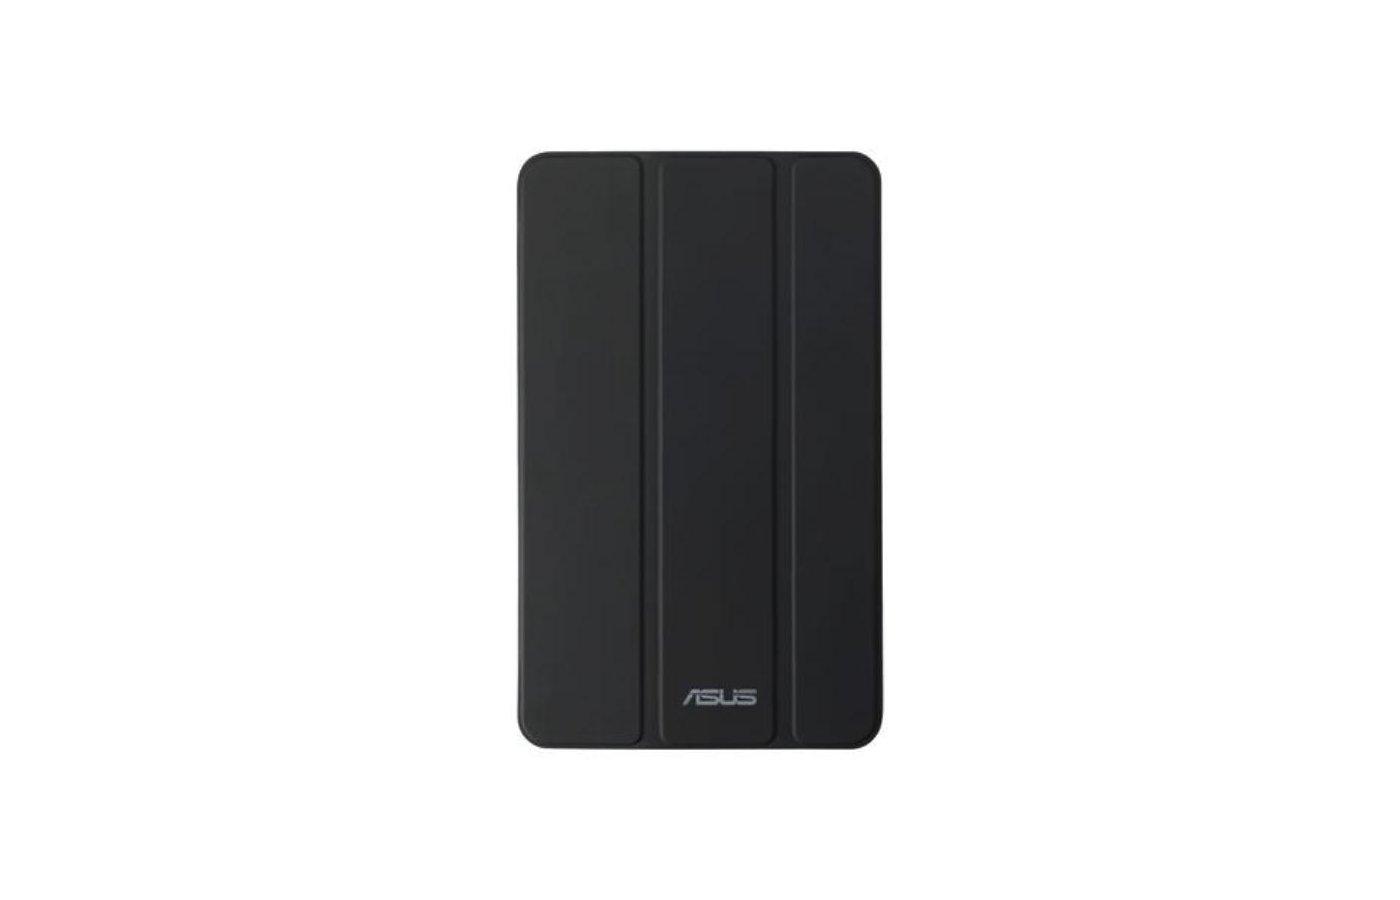 Чехол для планшетного ПК Asus для Asus Fonepad 7 PAD-14 TRICOVER_FPHD7_372_BK полиуретан/поликарбонат черный